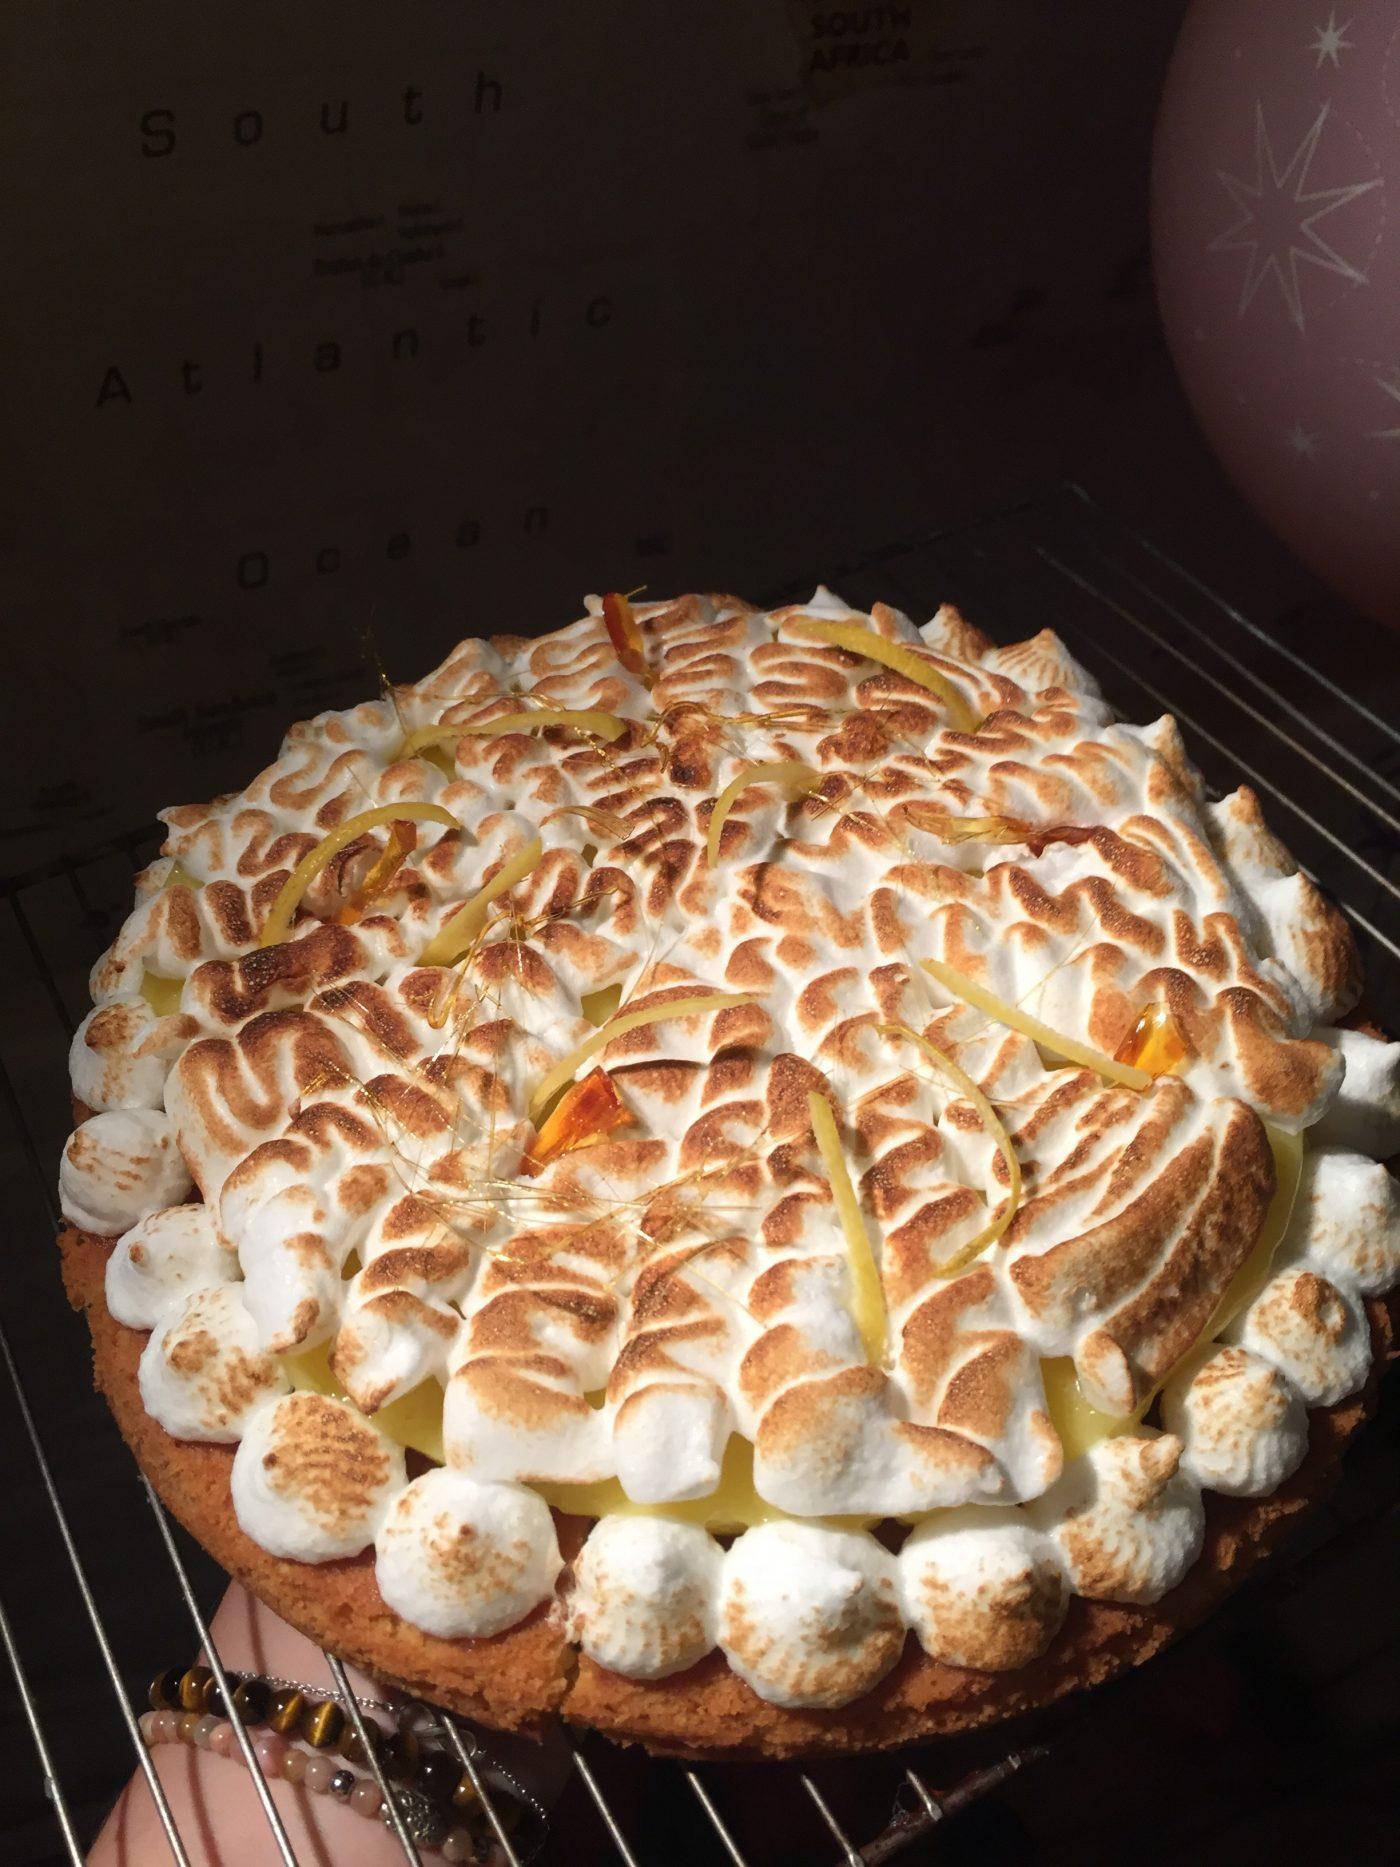 Tarte au citron meringuée revisitée, sur biscuit breton !